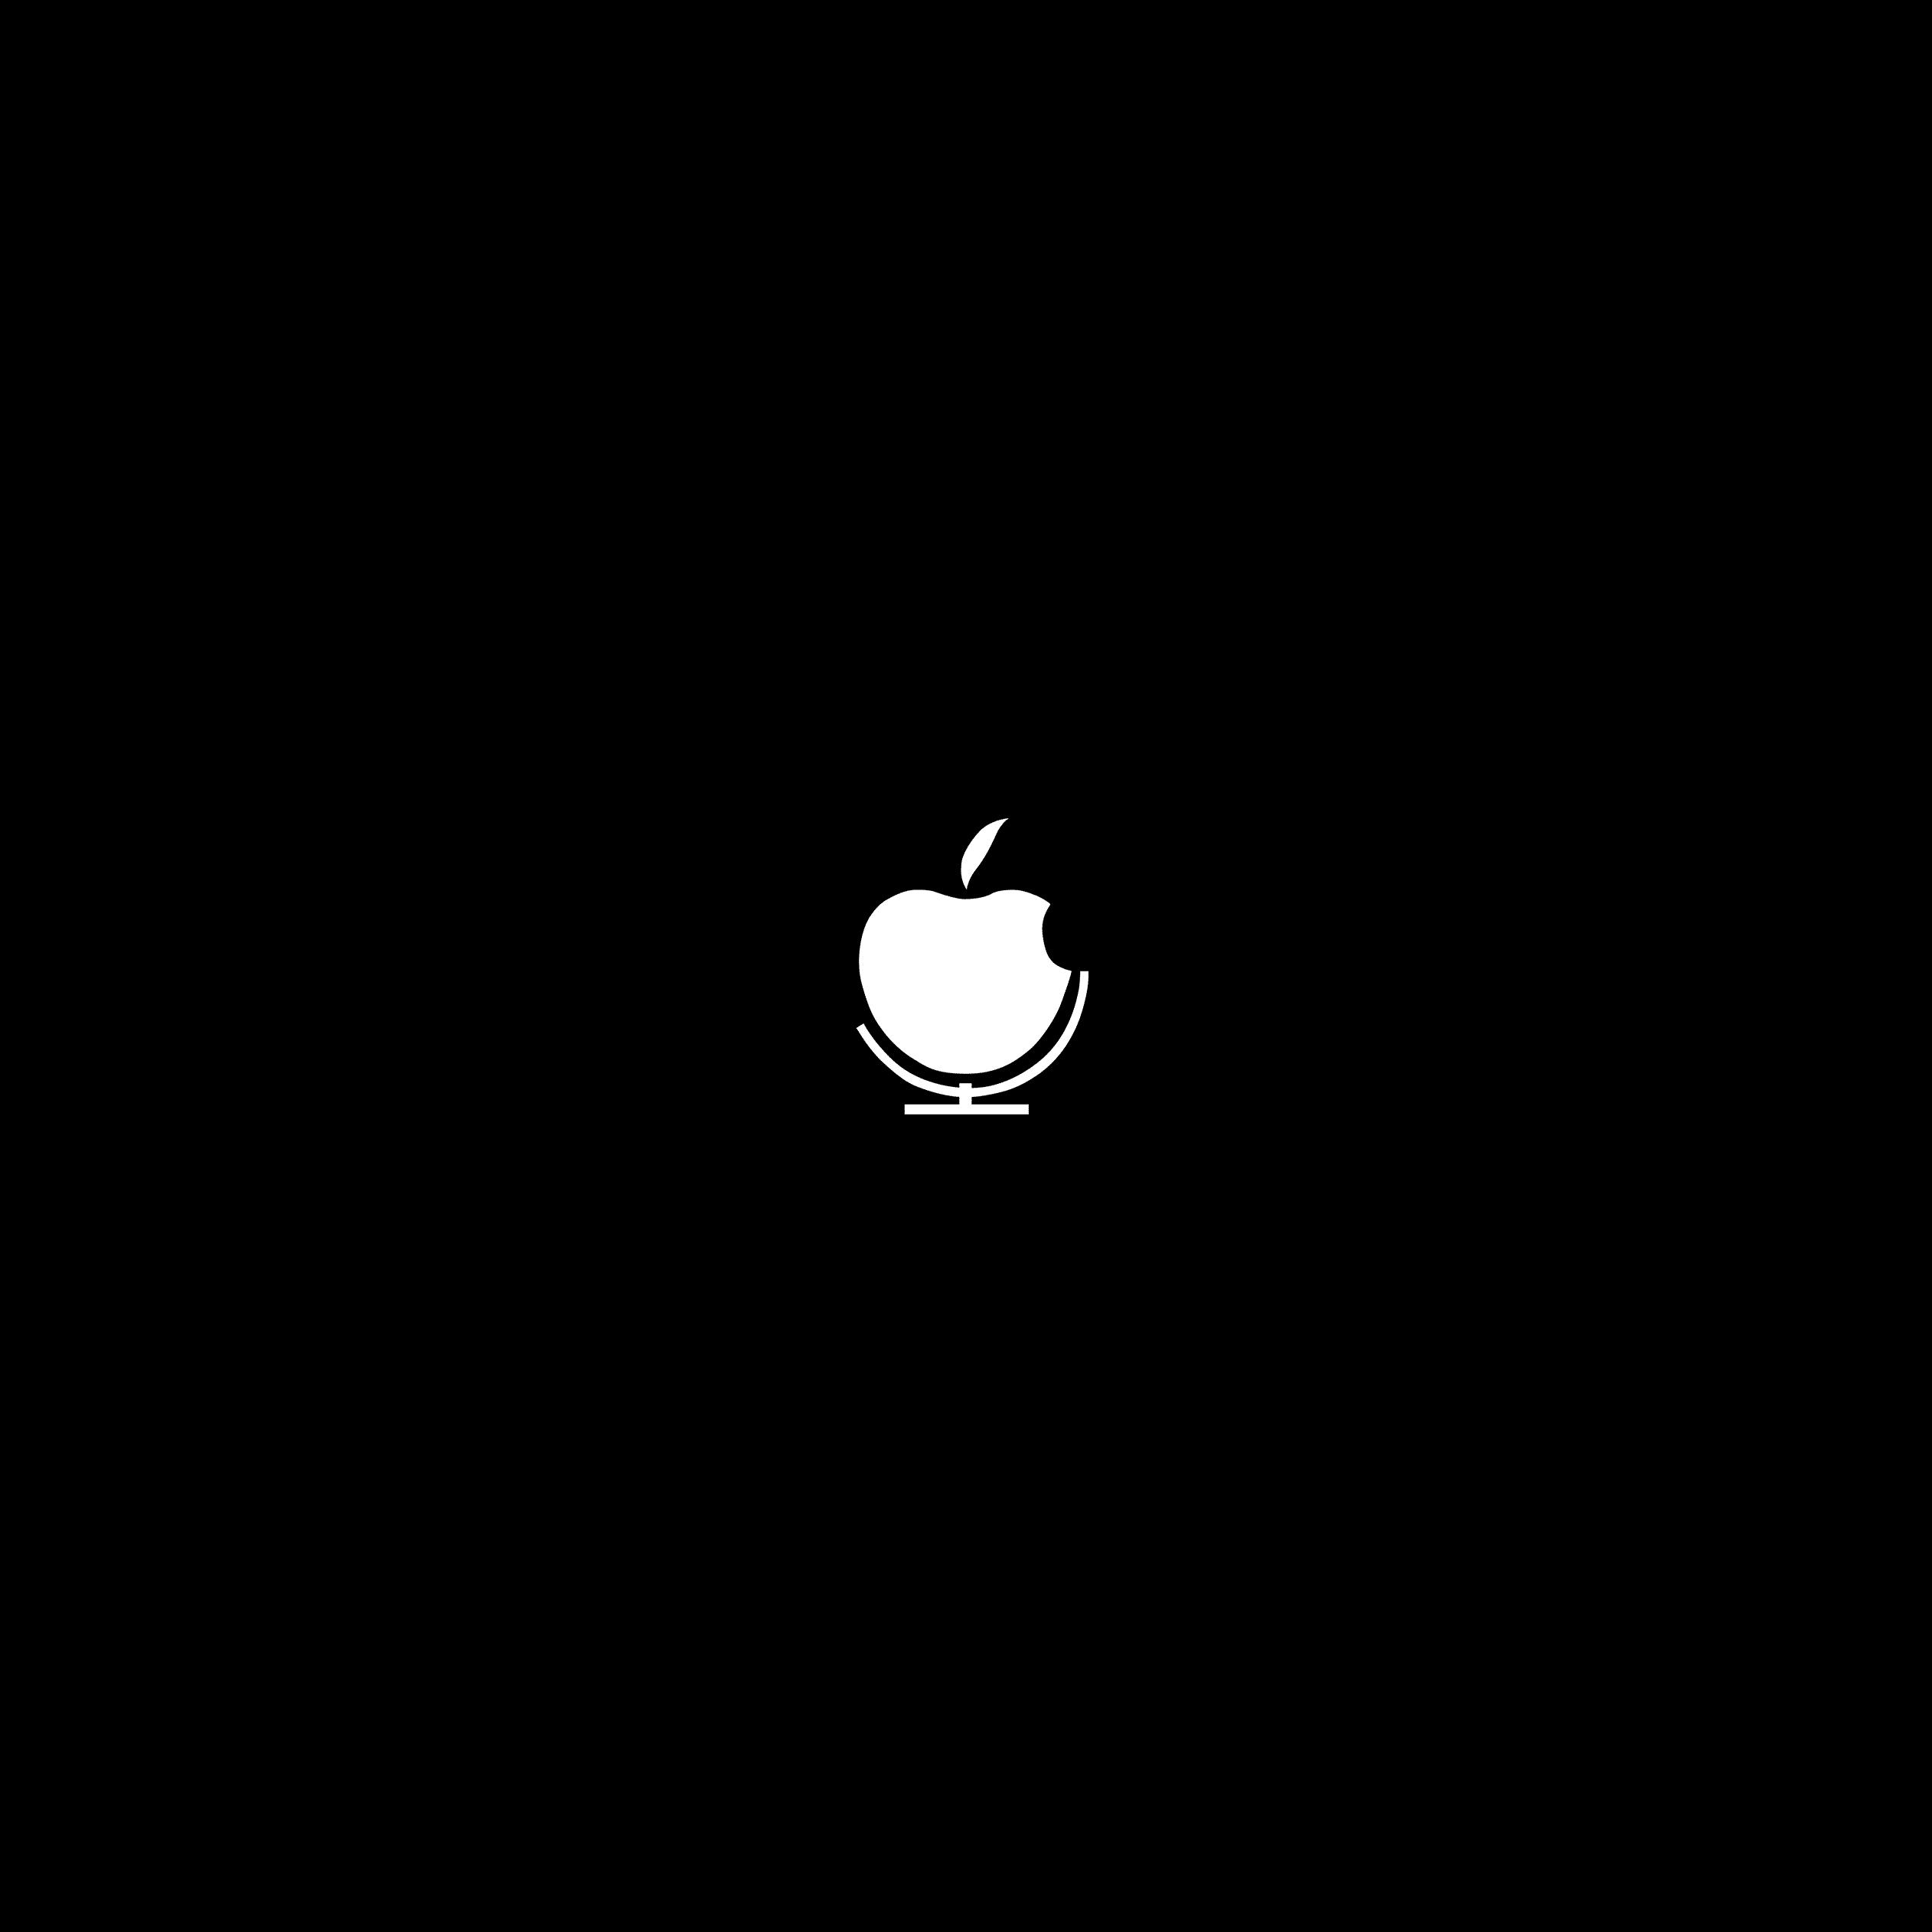 iPad - pozadie 1 - svetapple